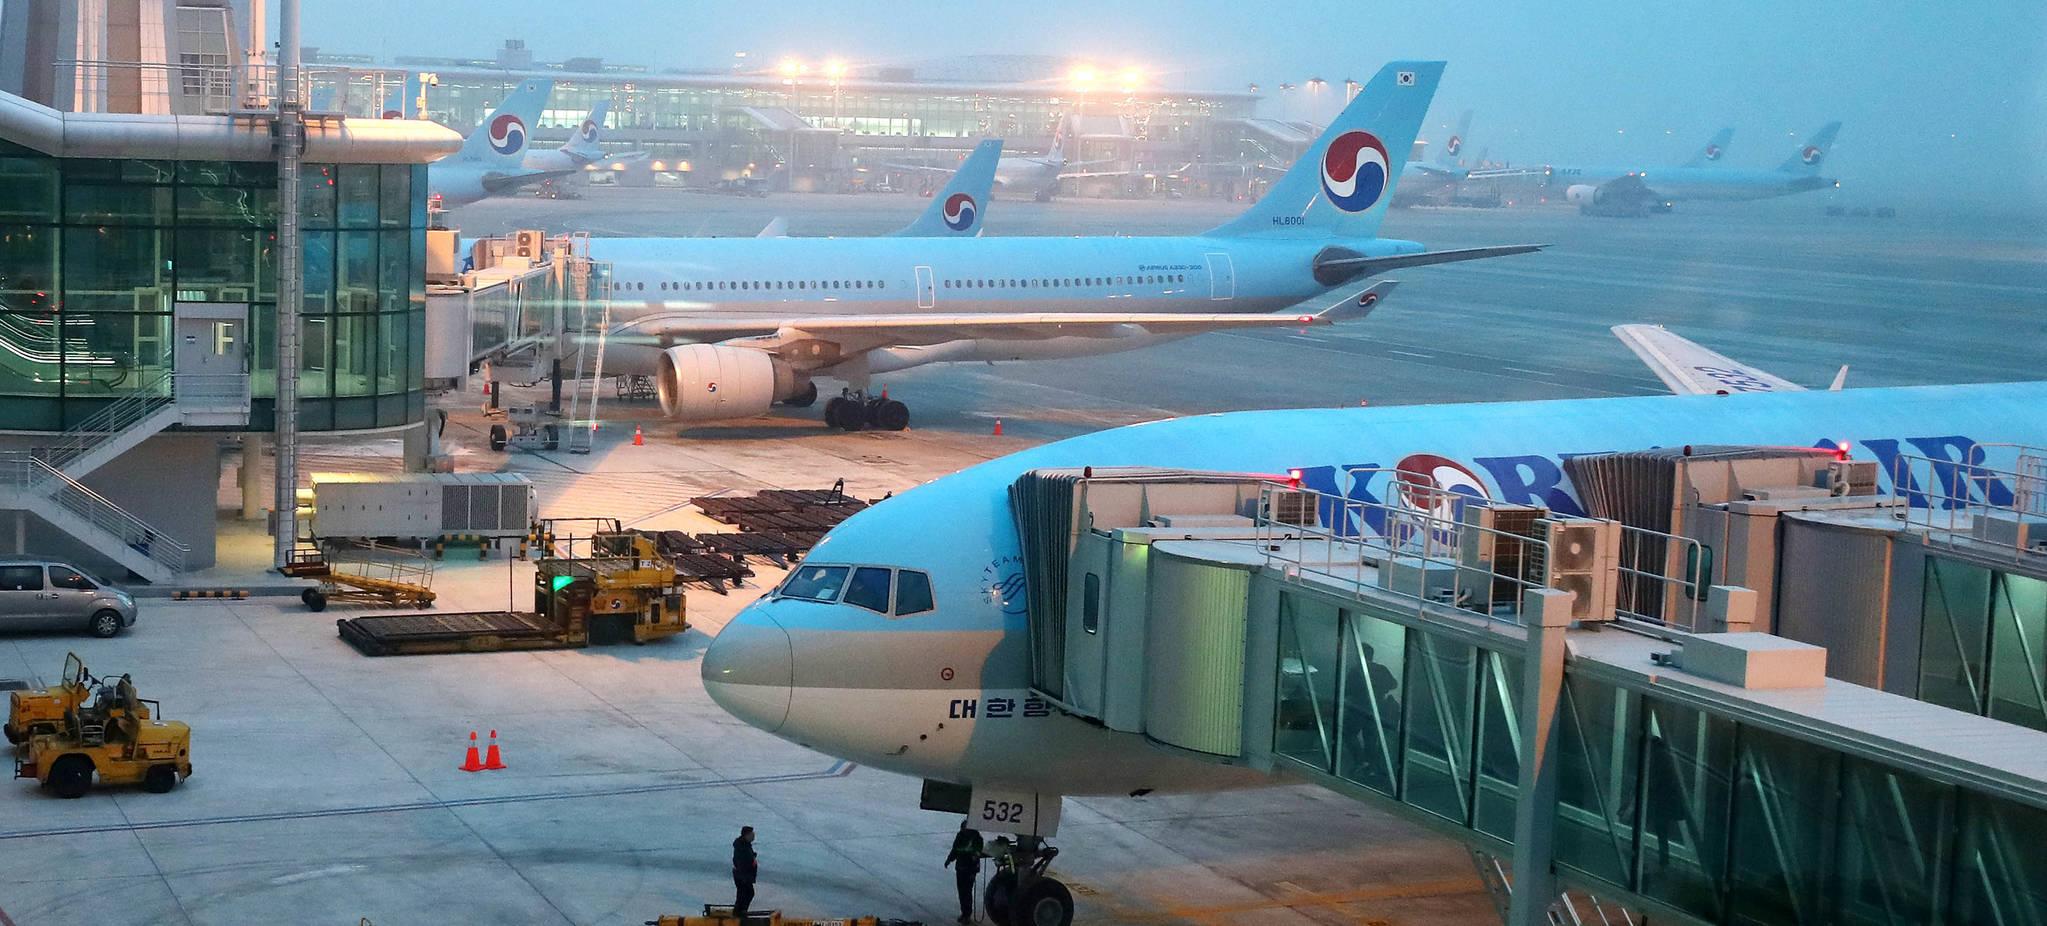 [단독] 하늘길 병목 해소···중국·유럽행 비행기 지연 줄어든다